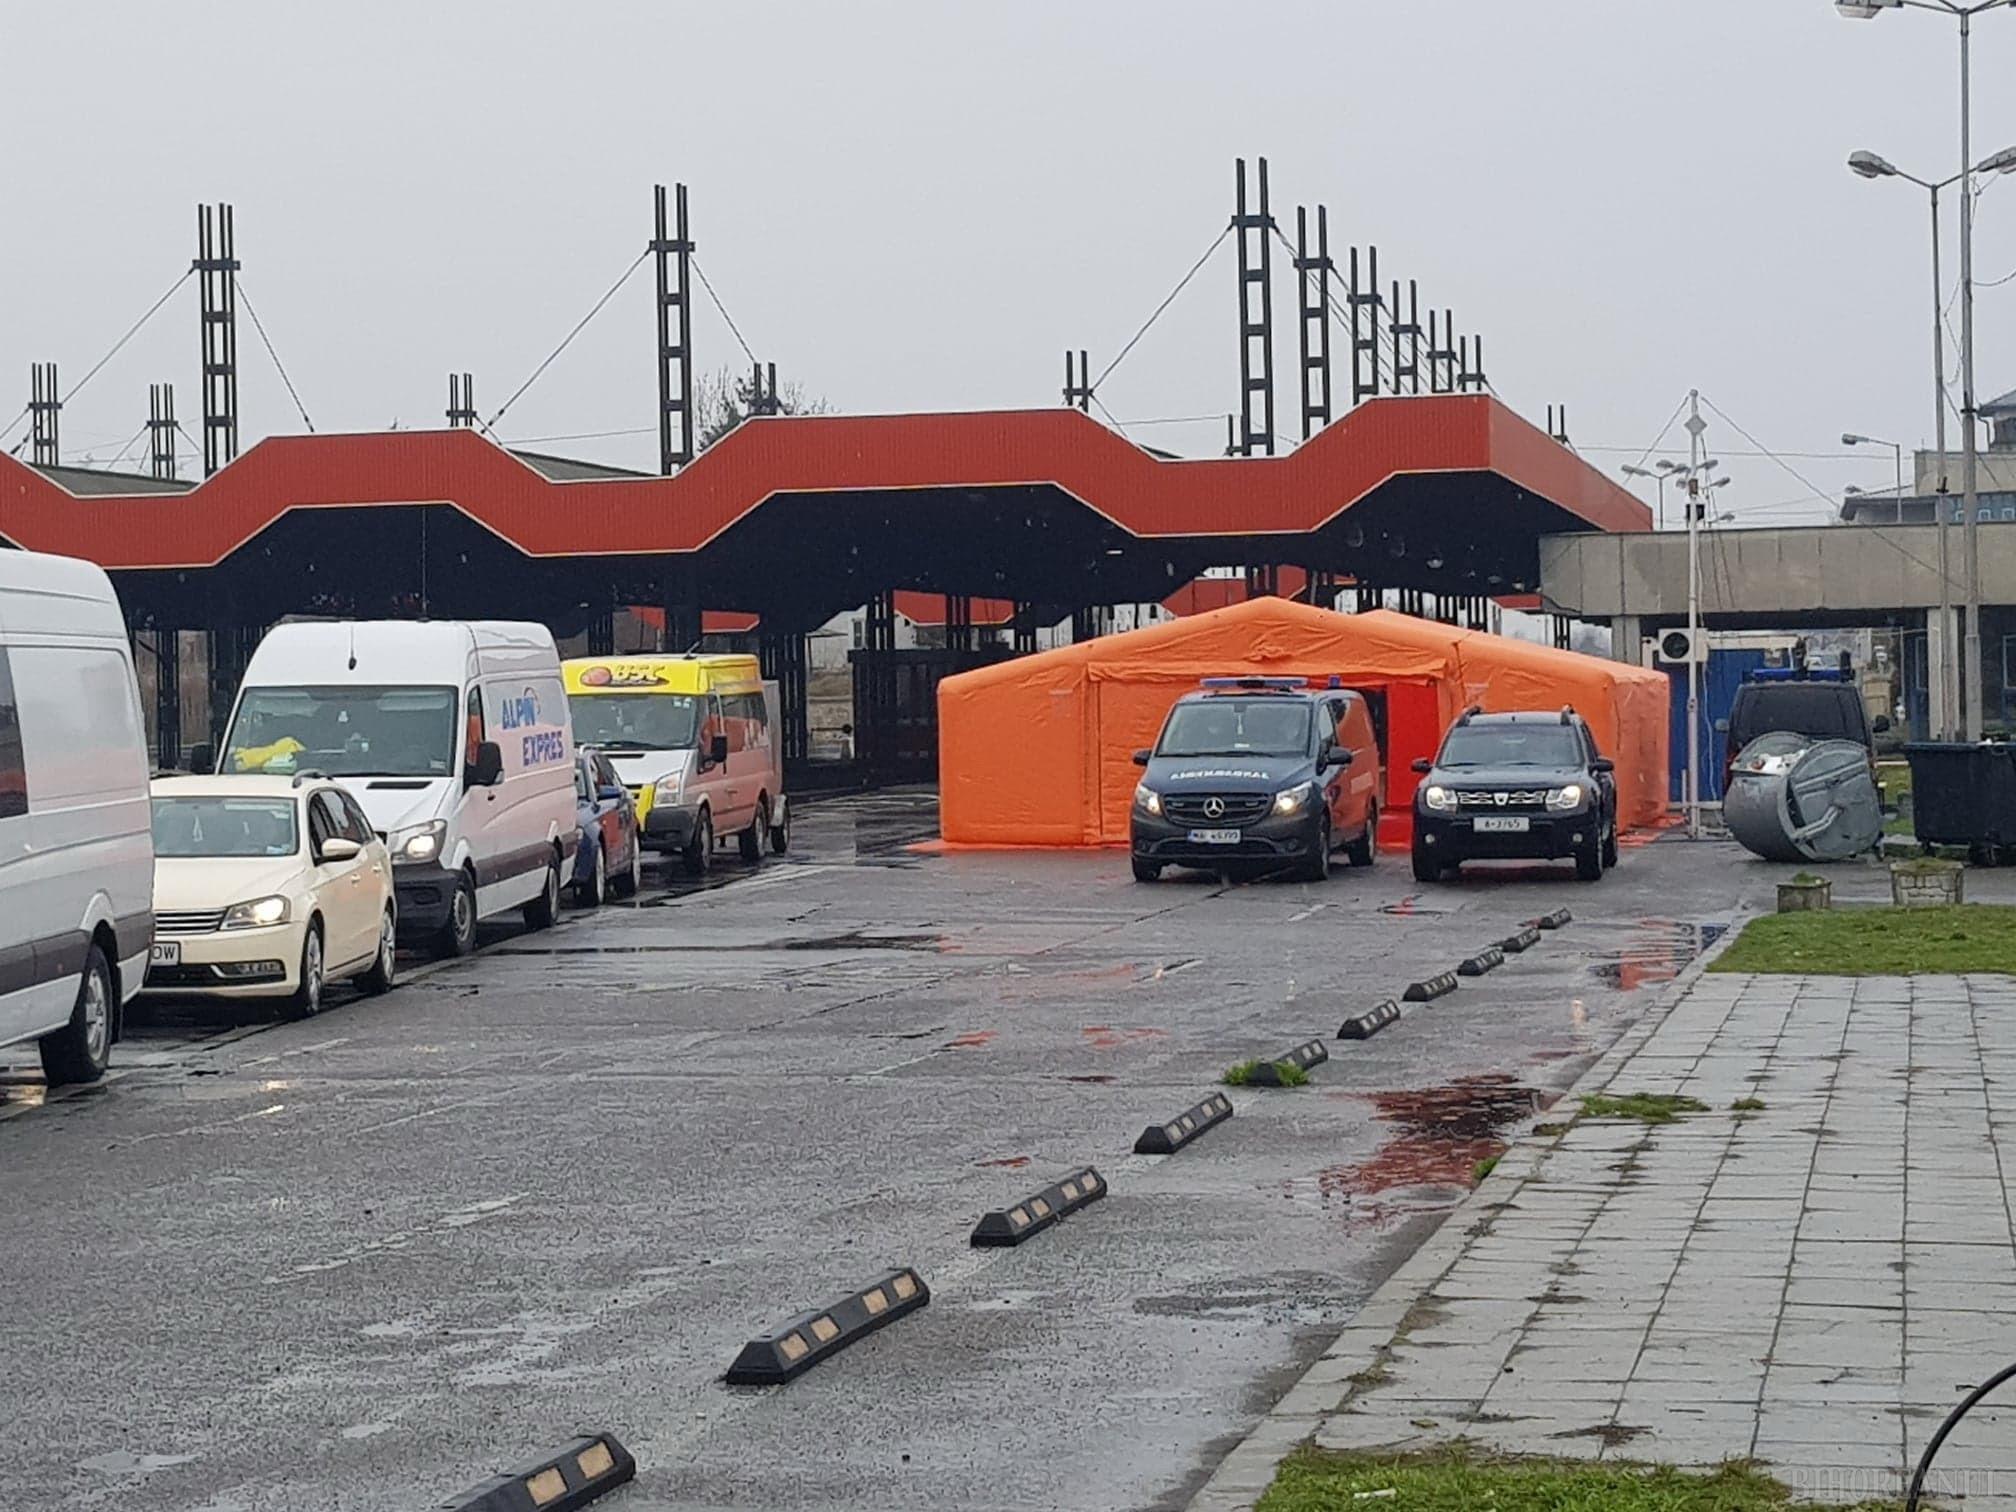 Autorităţile au amplasat un cort în vama Borş, pentru triajul persoanelor care intră în ţară